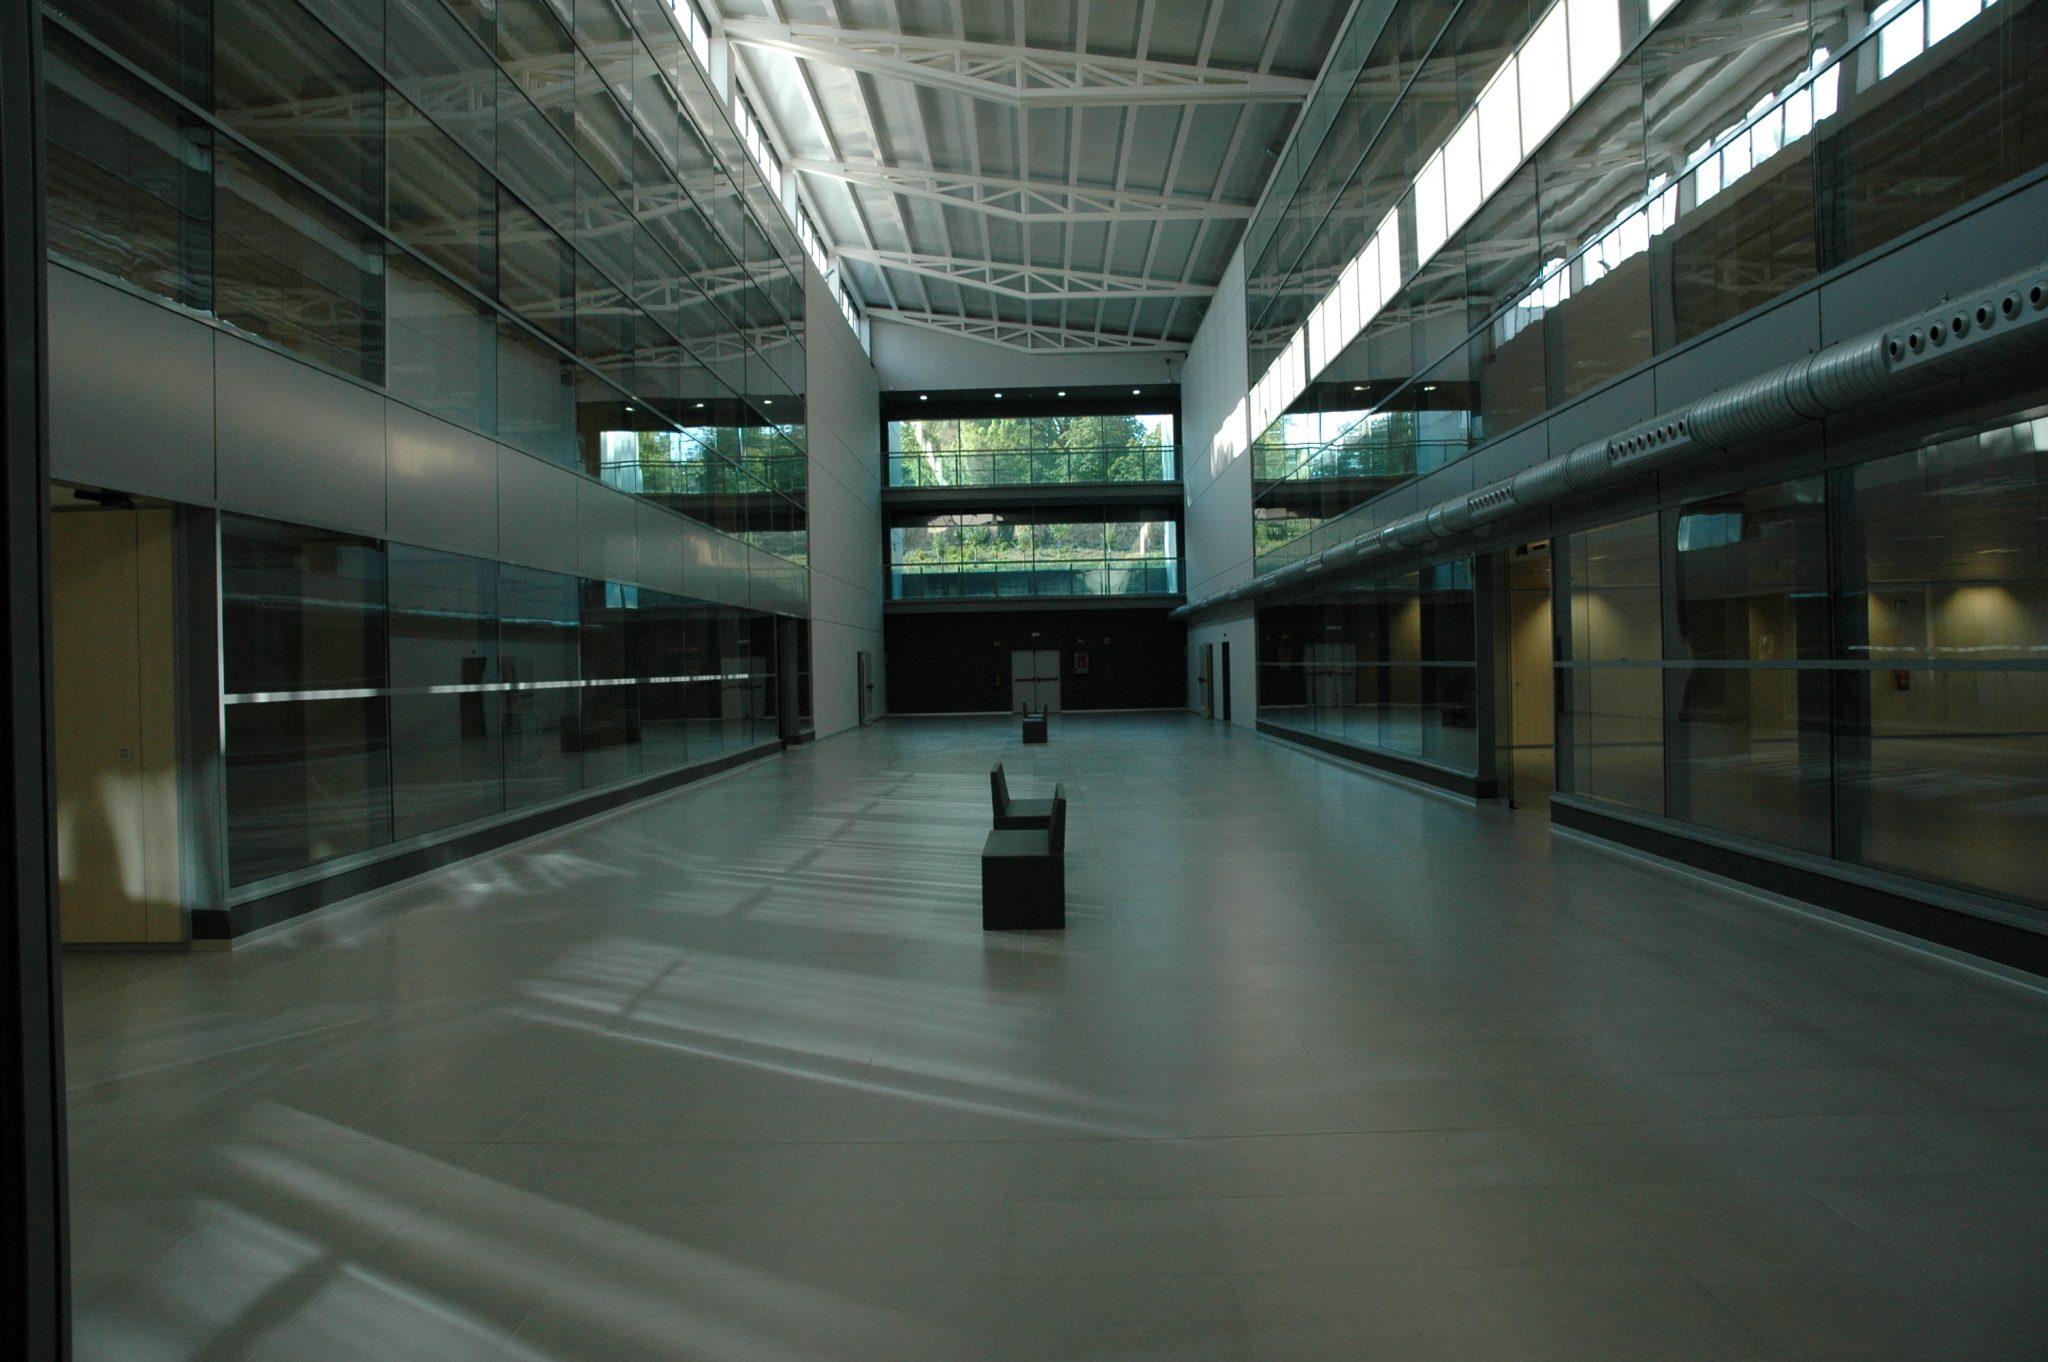 Proyectos - Proyecon Galicia - Sede de la TGSS en Segovia